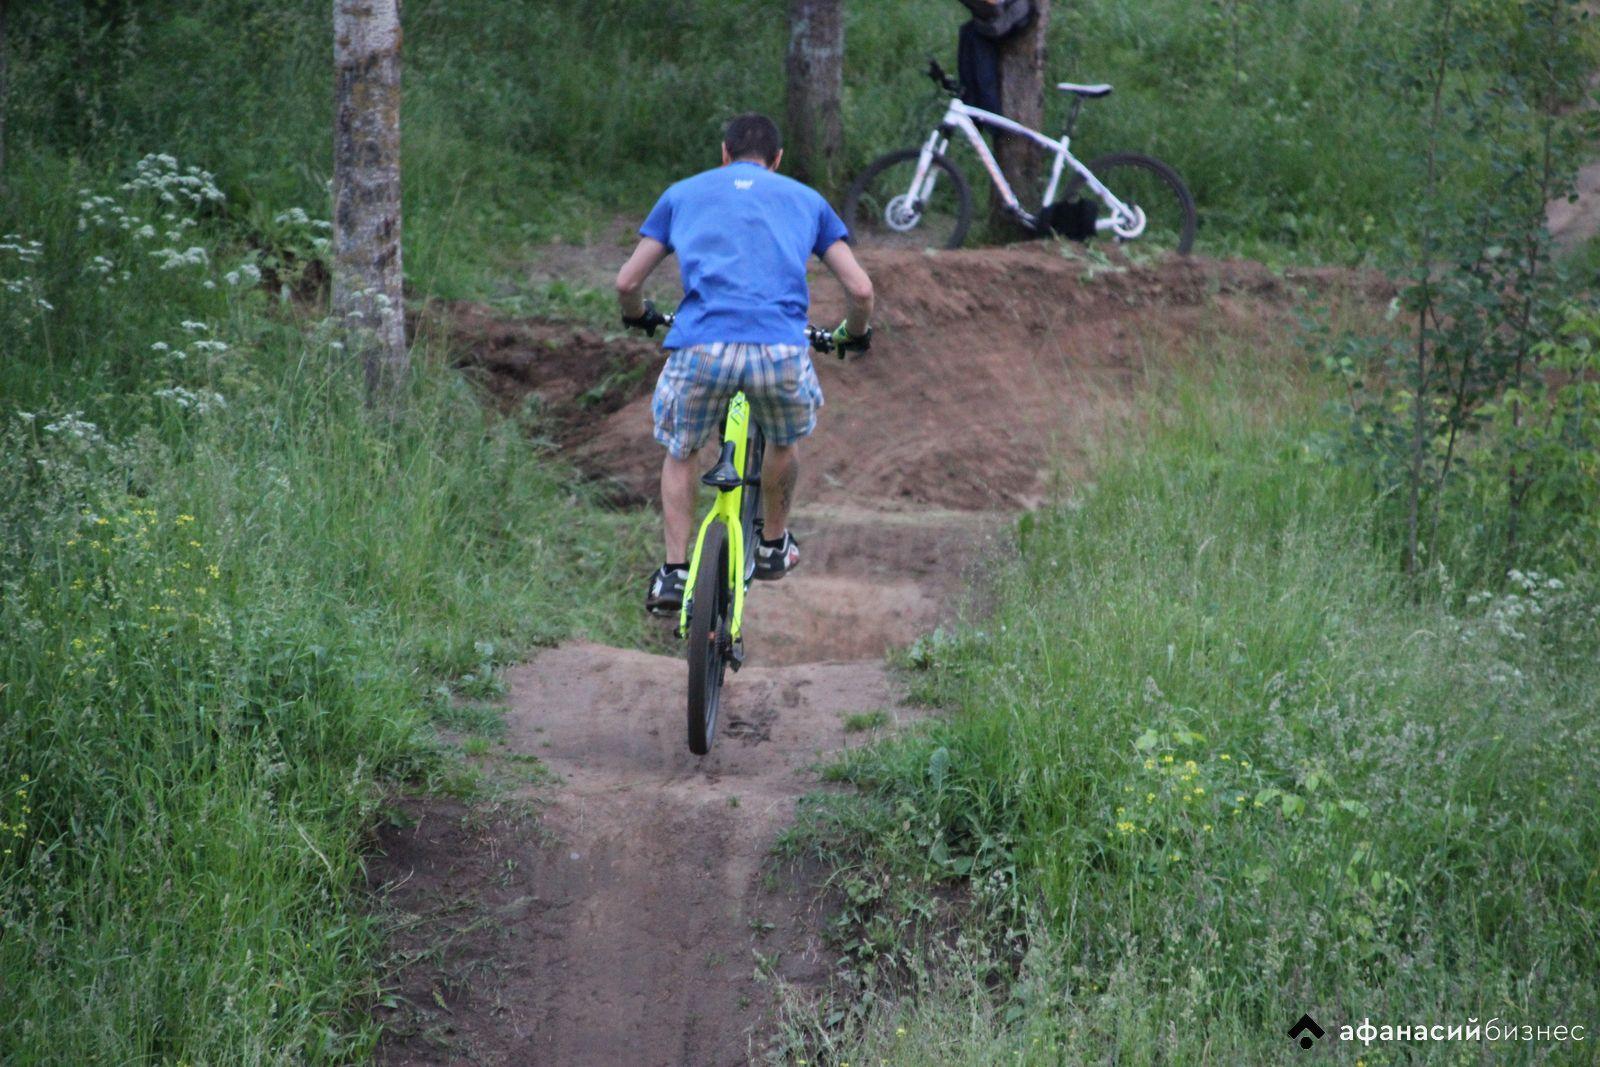 В Твери 16-летний подросток погиб, упав с велосипеда на памп-треке - новости Афанасий